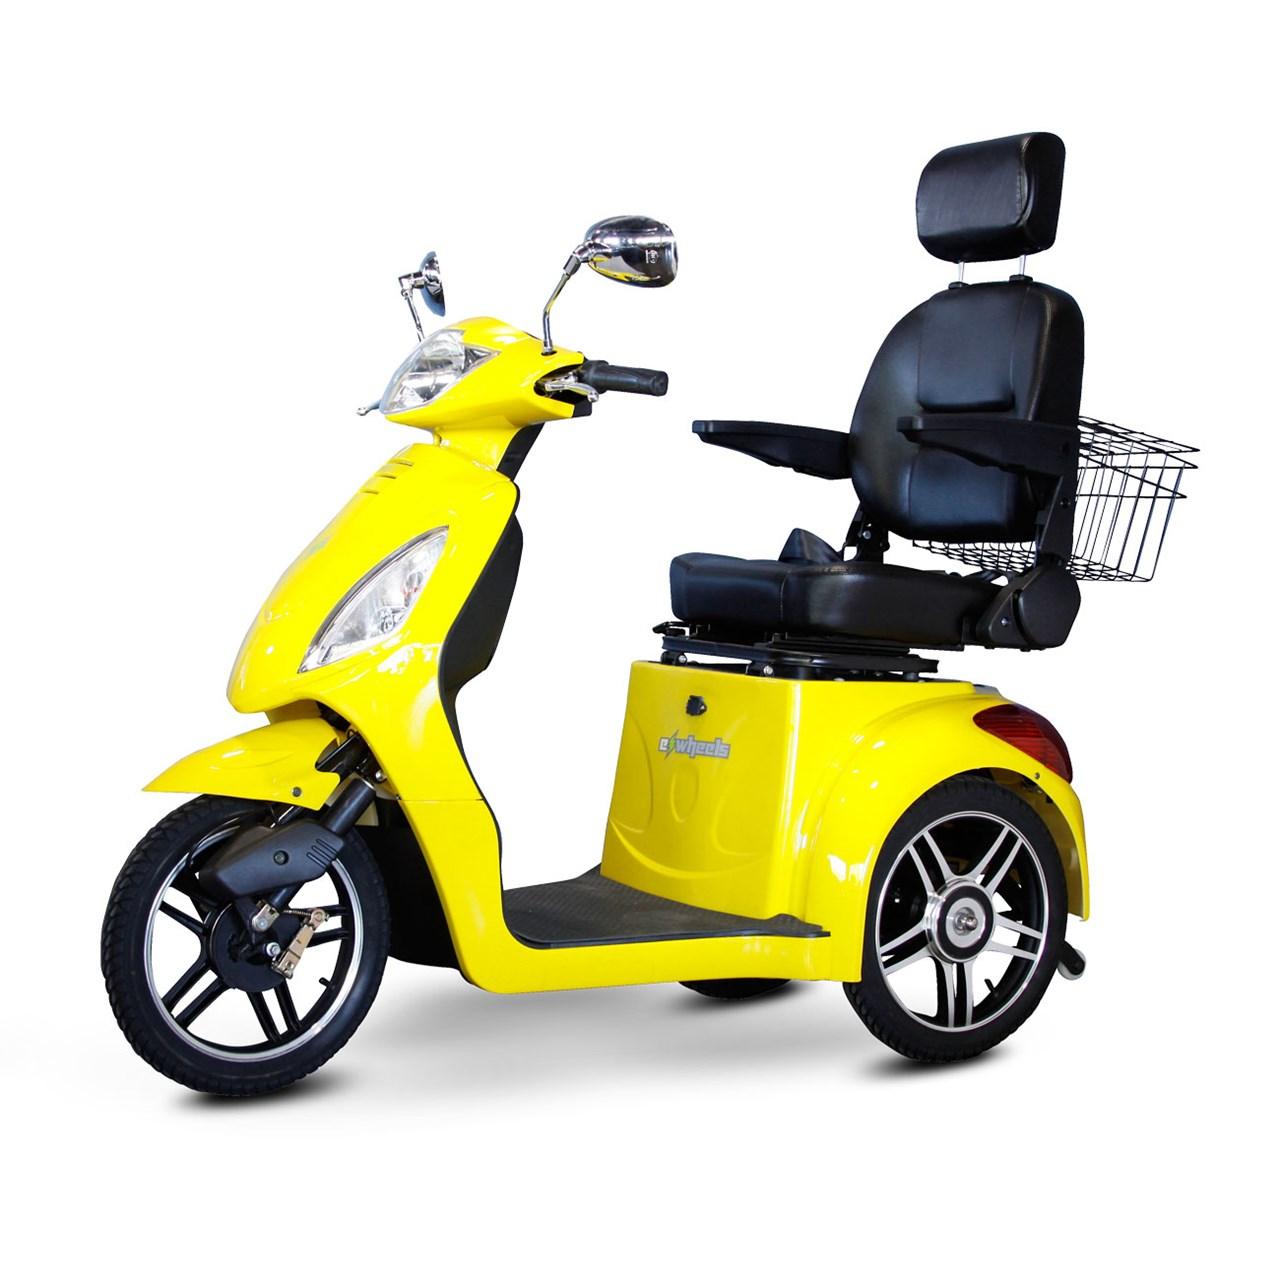 yellow wheelchair leather eames chair maxiaids e wheels ew 36 3 wheel electric senior mobility